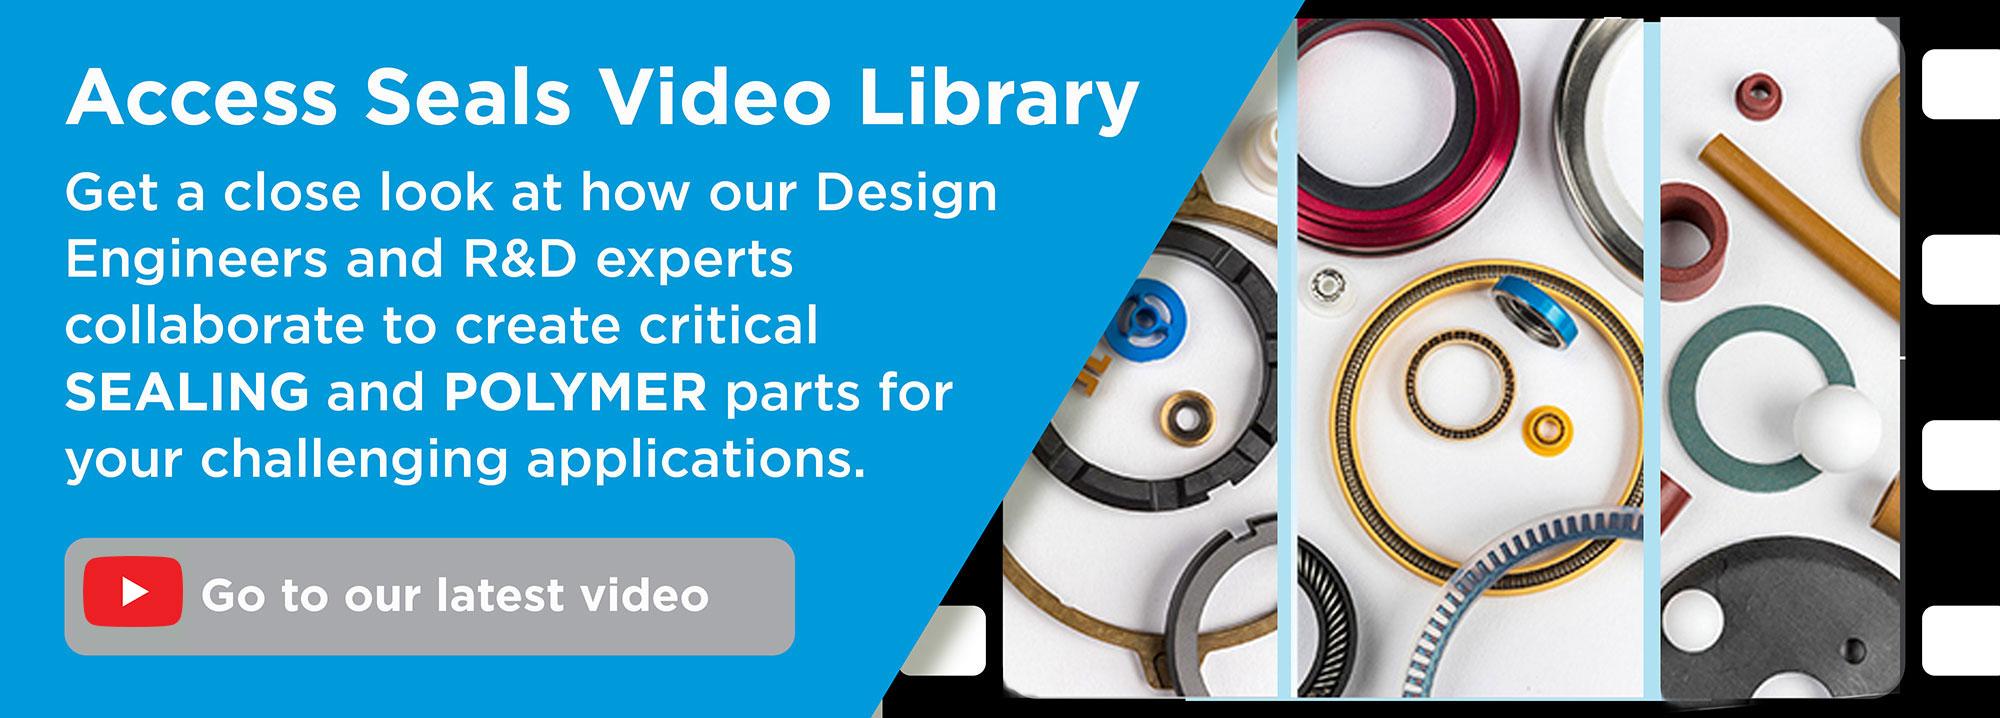 video-inset-banner-3.jpg